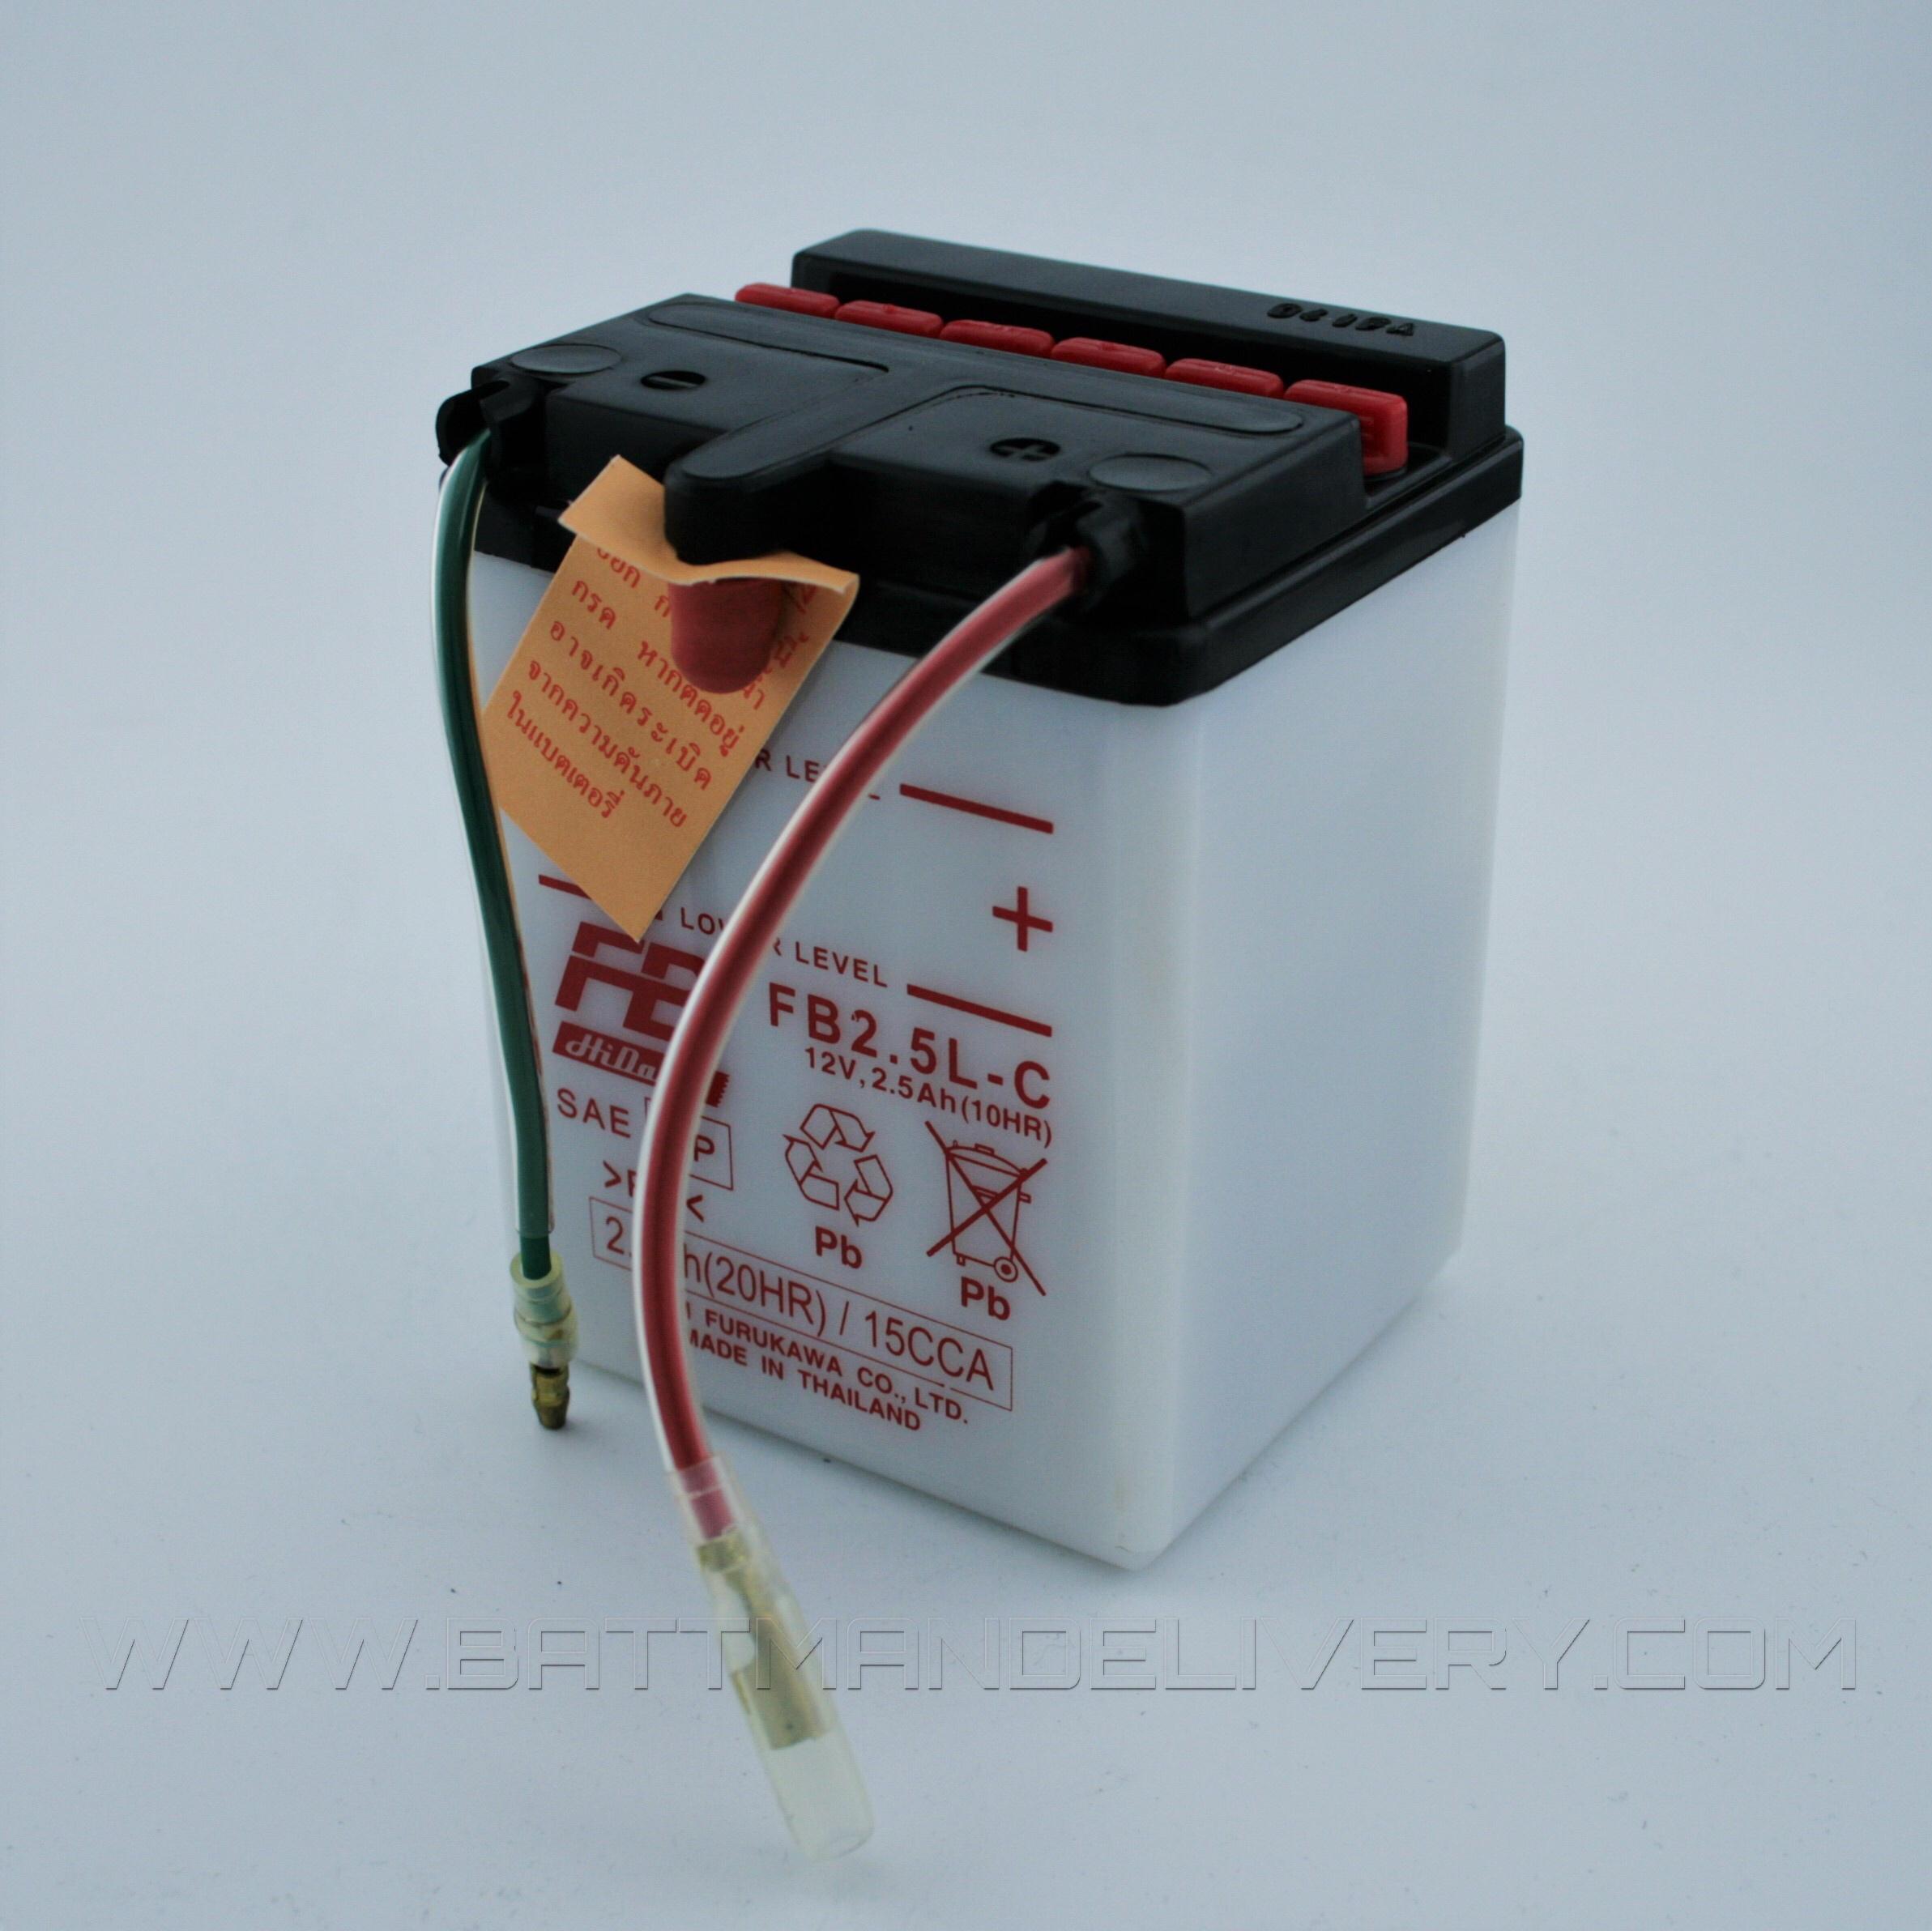 แบตเตอรี่มอเตอร์ไซค์ แบบน้ำ ยี่ห้อ FB รุ่น FB2.5L-C (12V 2.5AH) สำหรับรถรุ่น NOVA-S